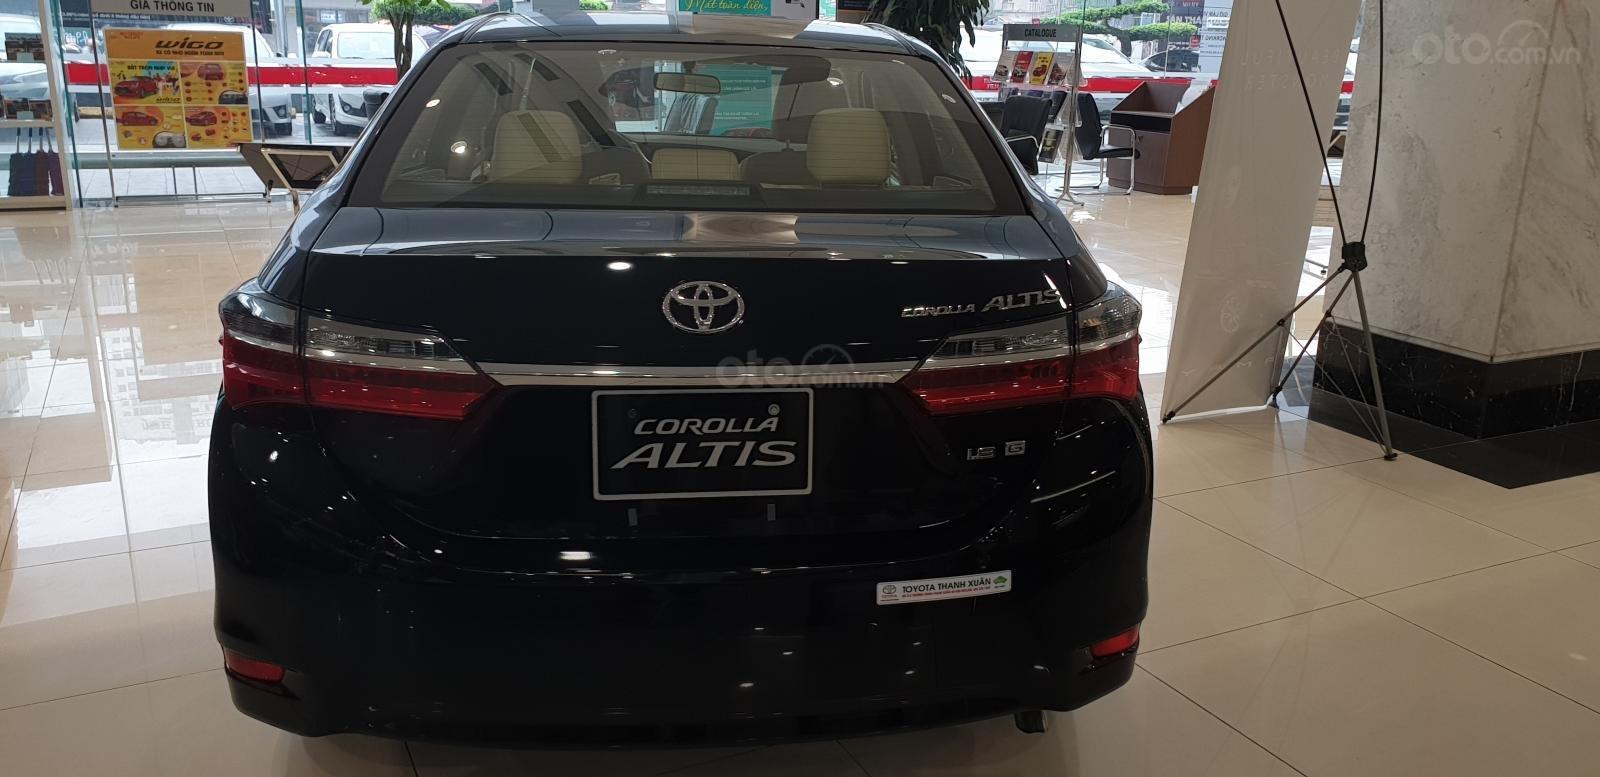 Đánh giá xe Toyota Corolla Altis 2019 1.8G CVT về thiết kế đuôi xe a1